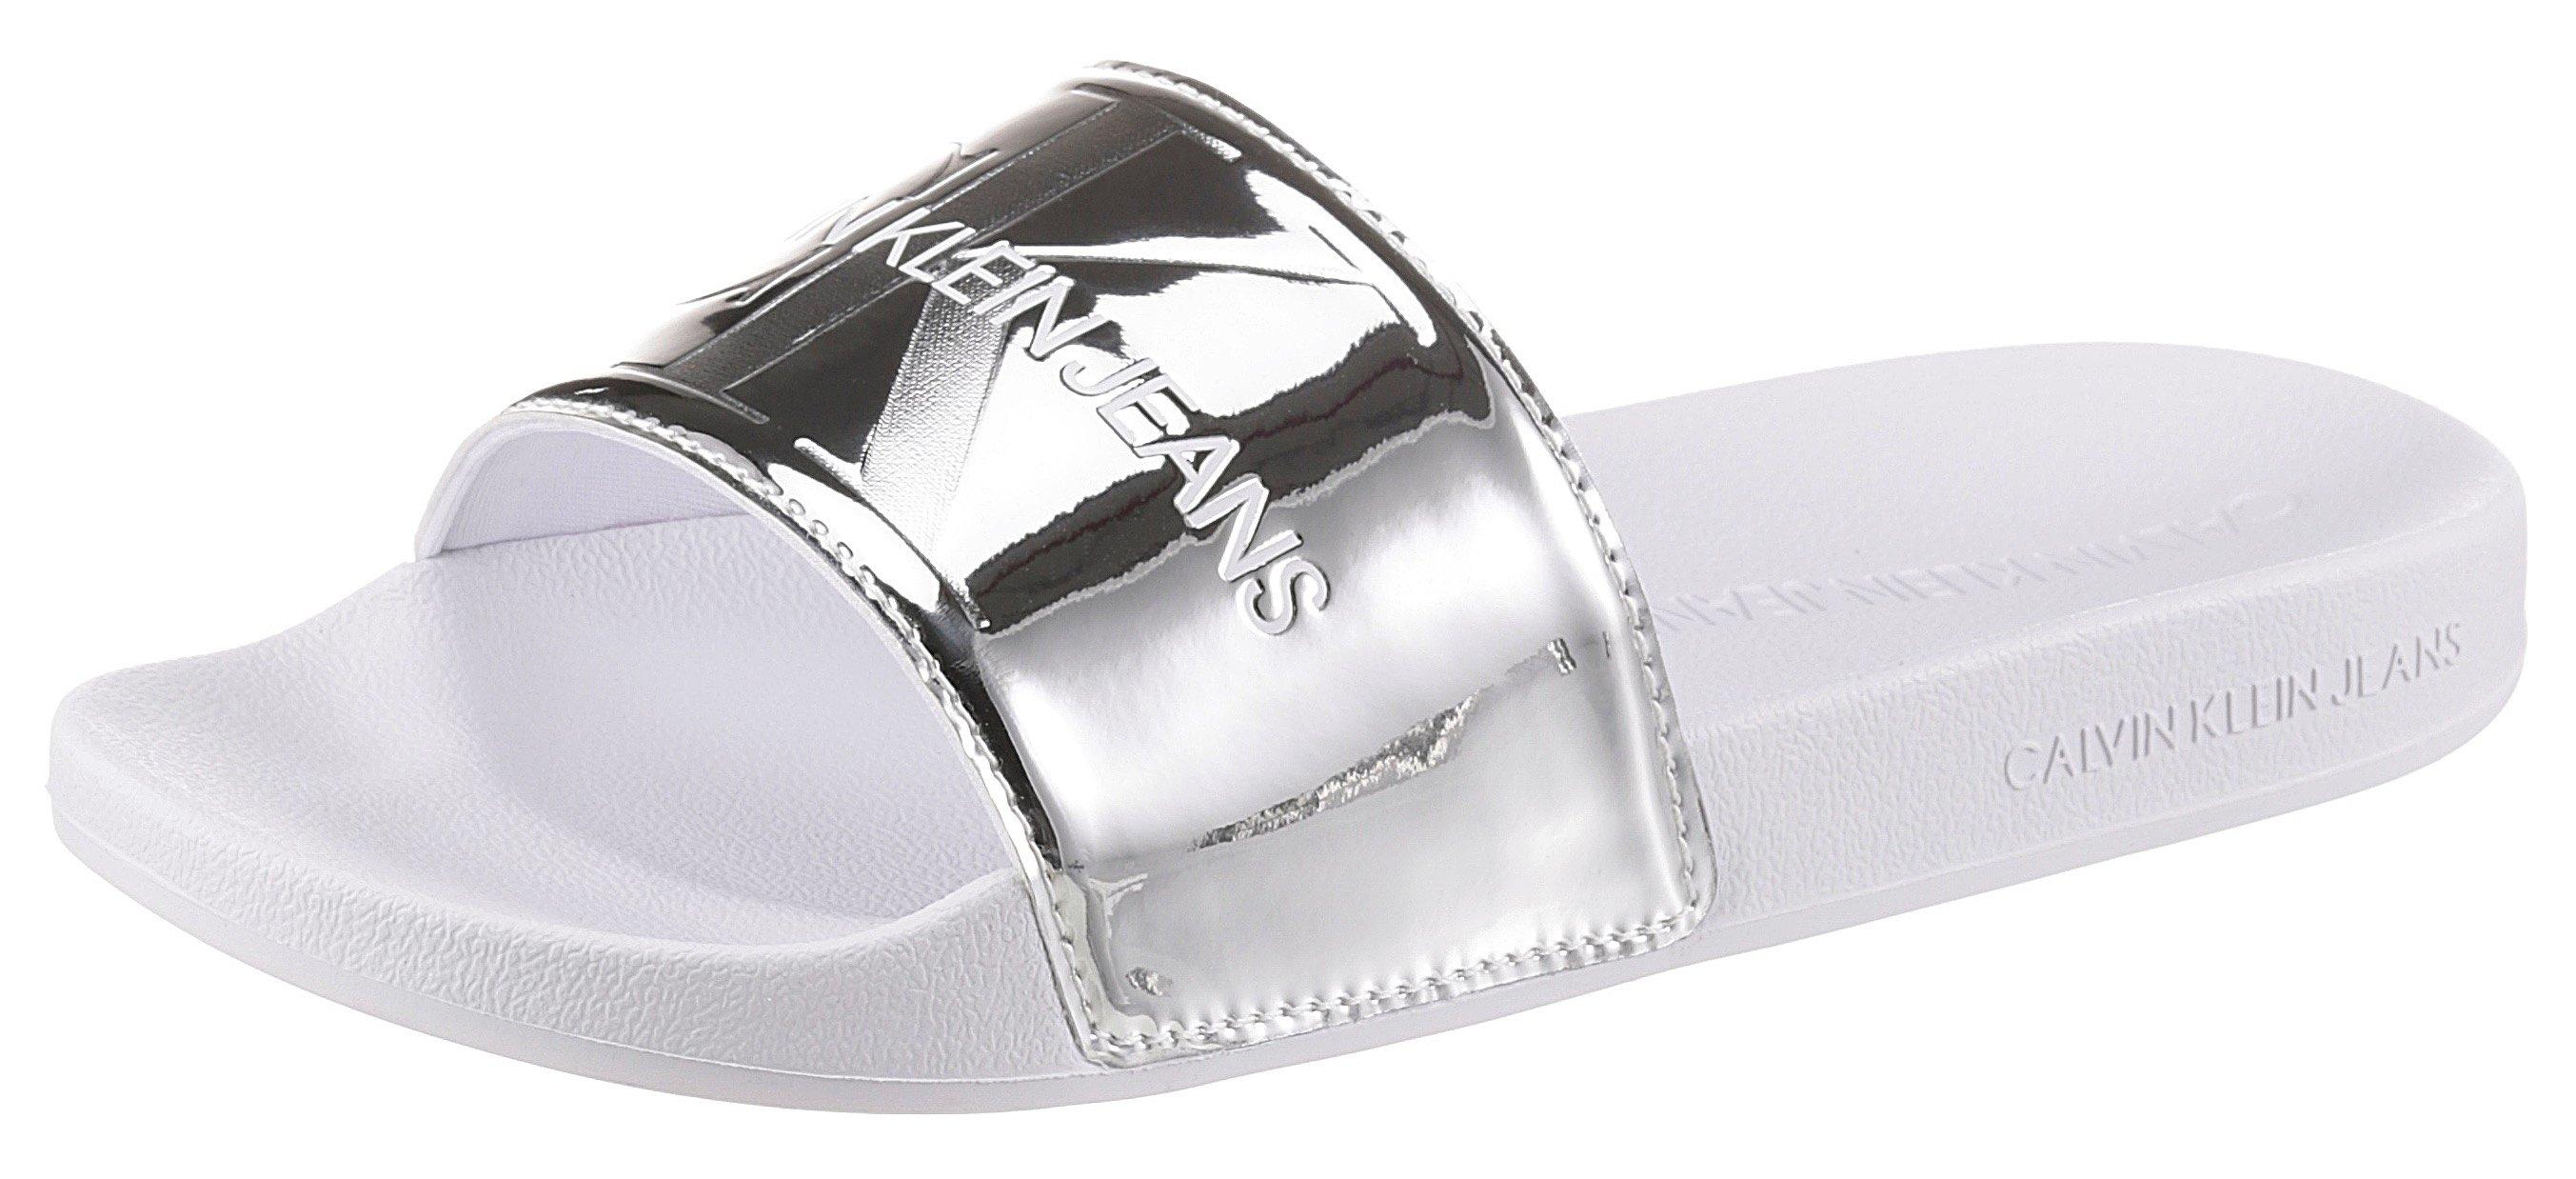 Calvin Klein slippers in spiegel-look bestellen: 30 dagen bedenktijd